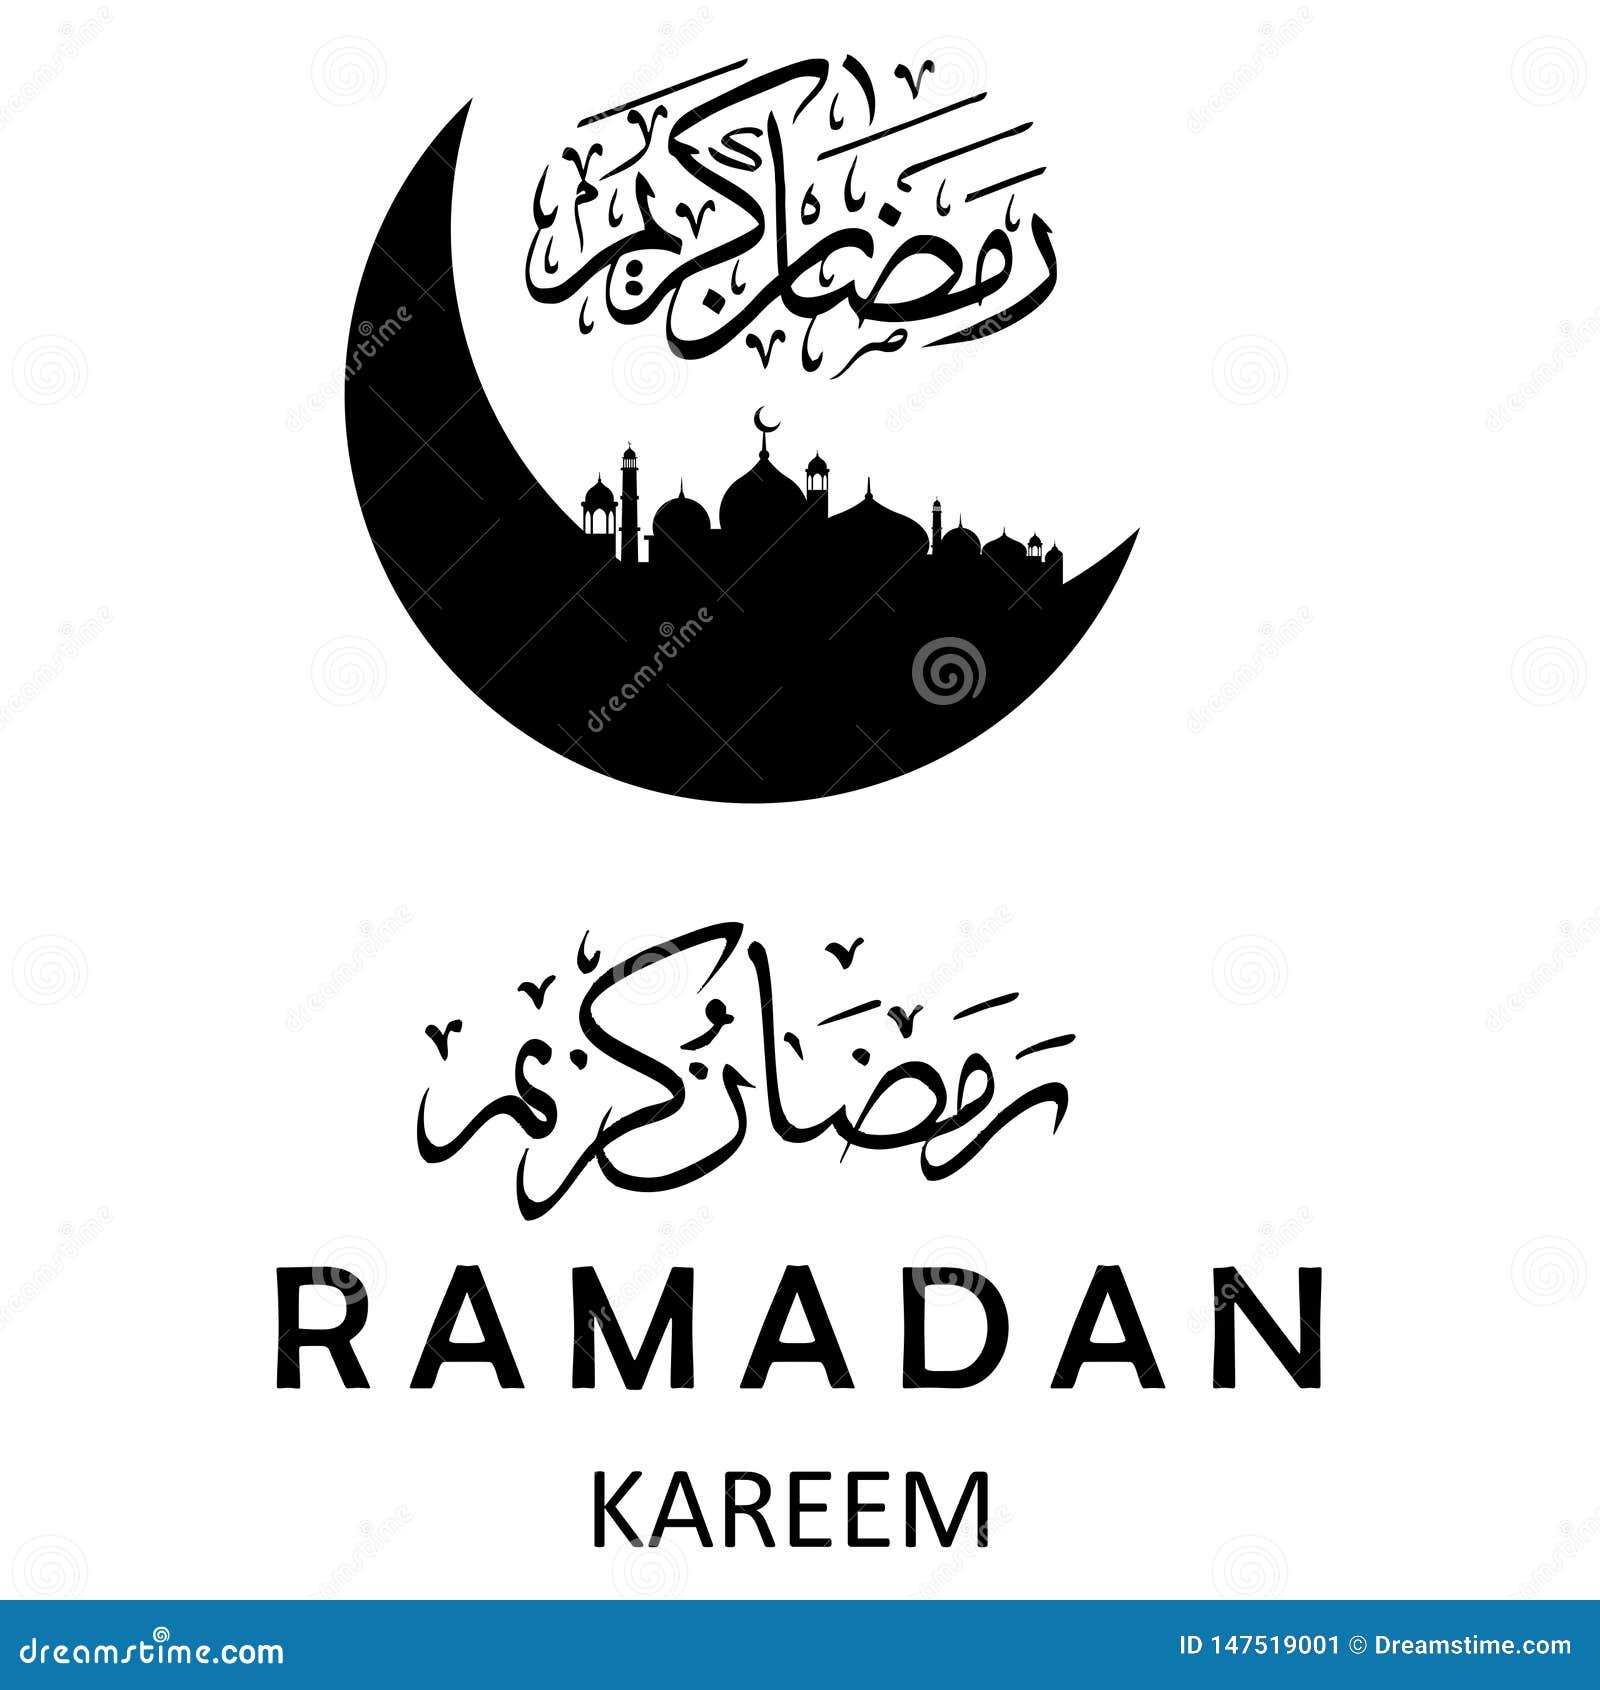 Ramadan kareem vector for design